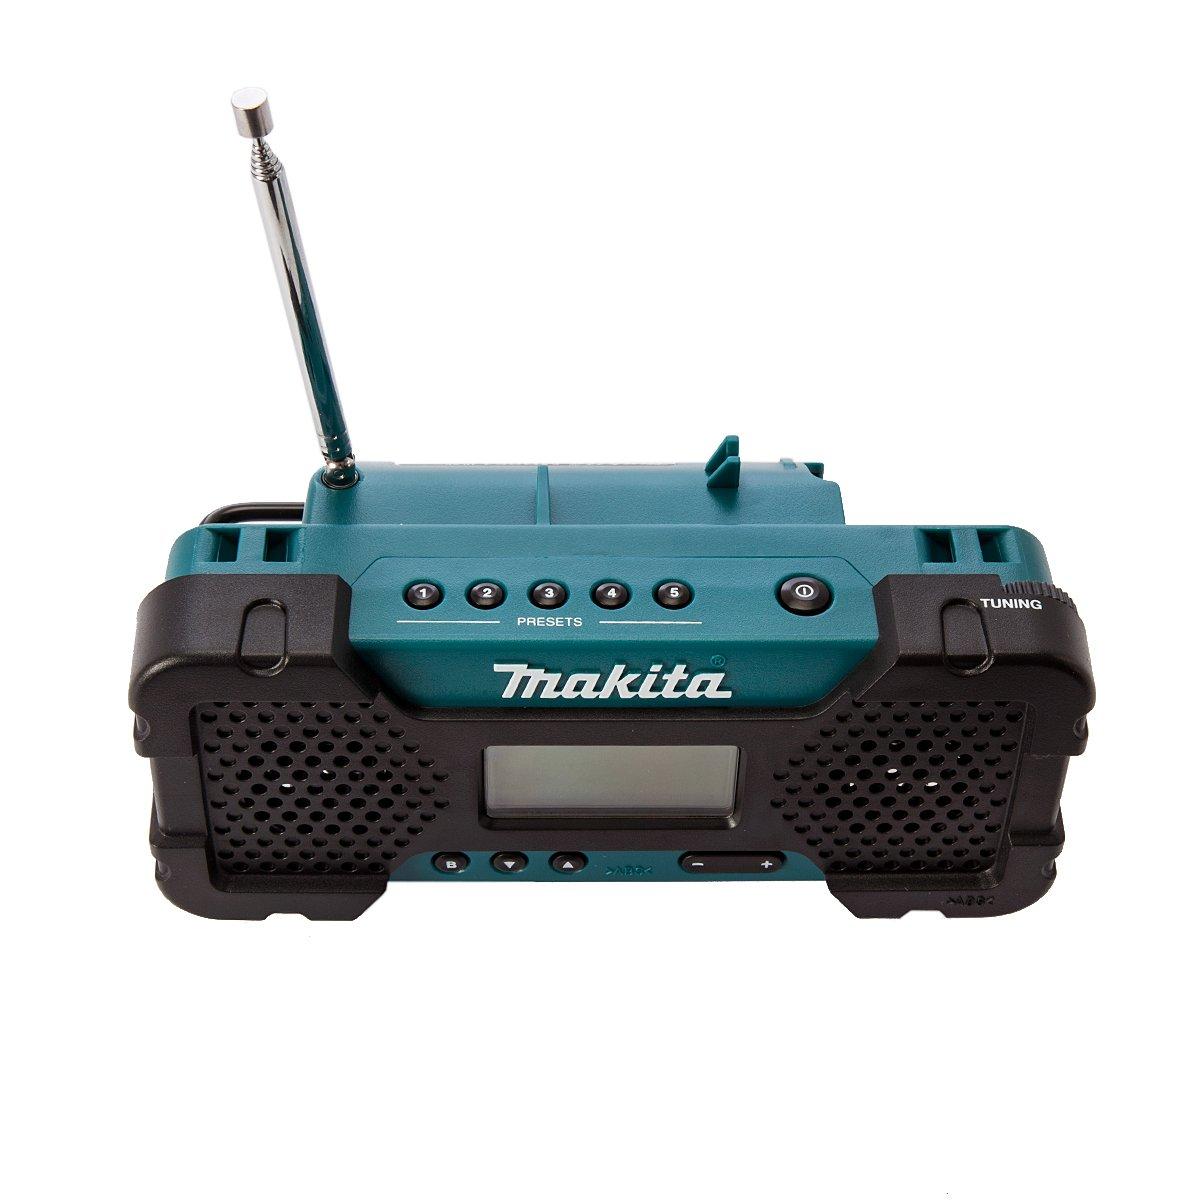 Makita STEXMR051 - Radio con baterí a de ion-litio (10, 8 V)